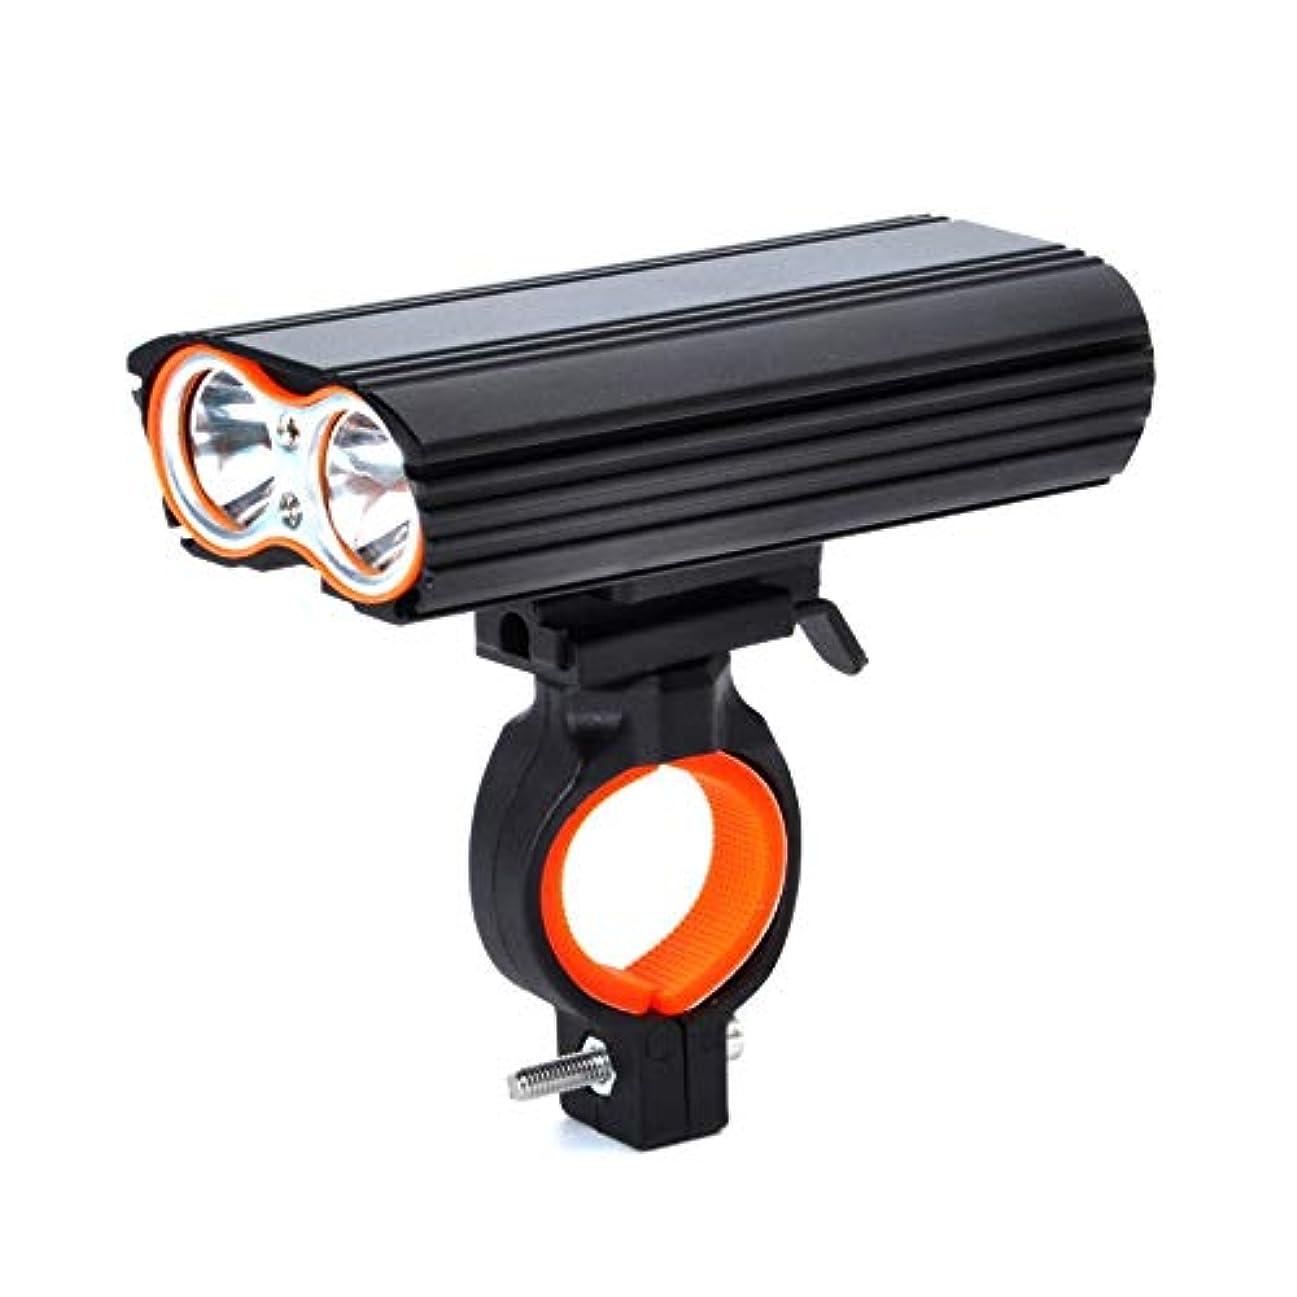 申請中導出孤独なZreaw USB充電式自転車ライトセット強力なルーメン自転車用ヘッドライト設置が簡単子供用男性用および女性用道路自転車用安全懐中電灯グレア自転車用ライト防水自転車用ライト 芯灯長寿命